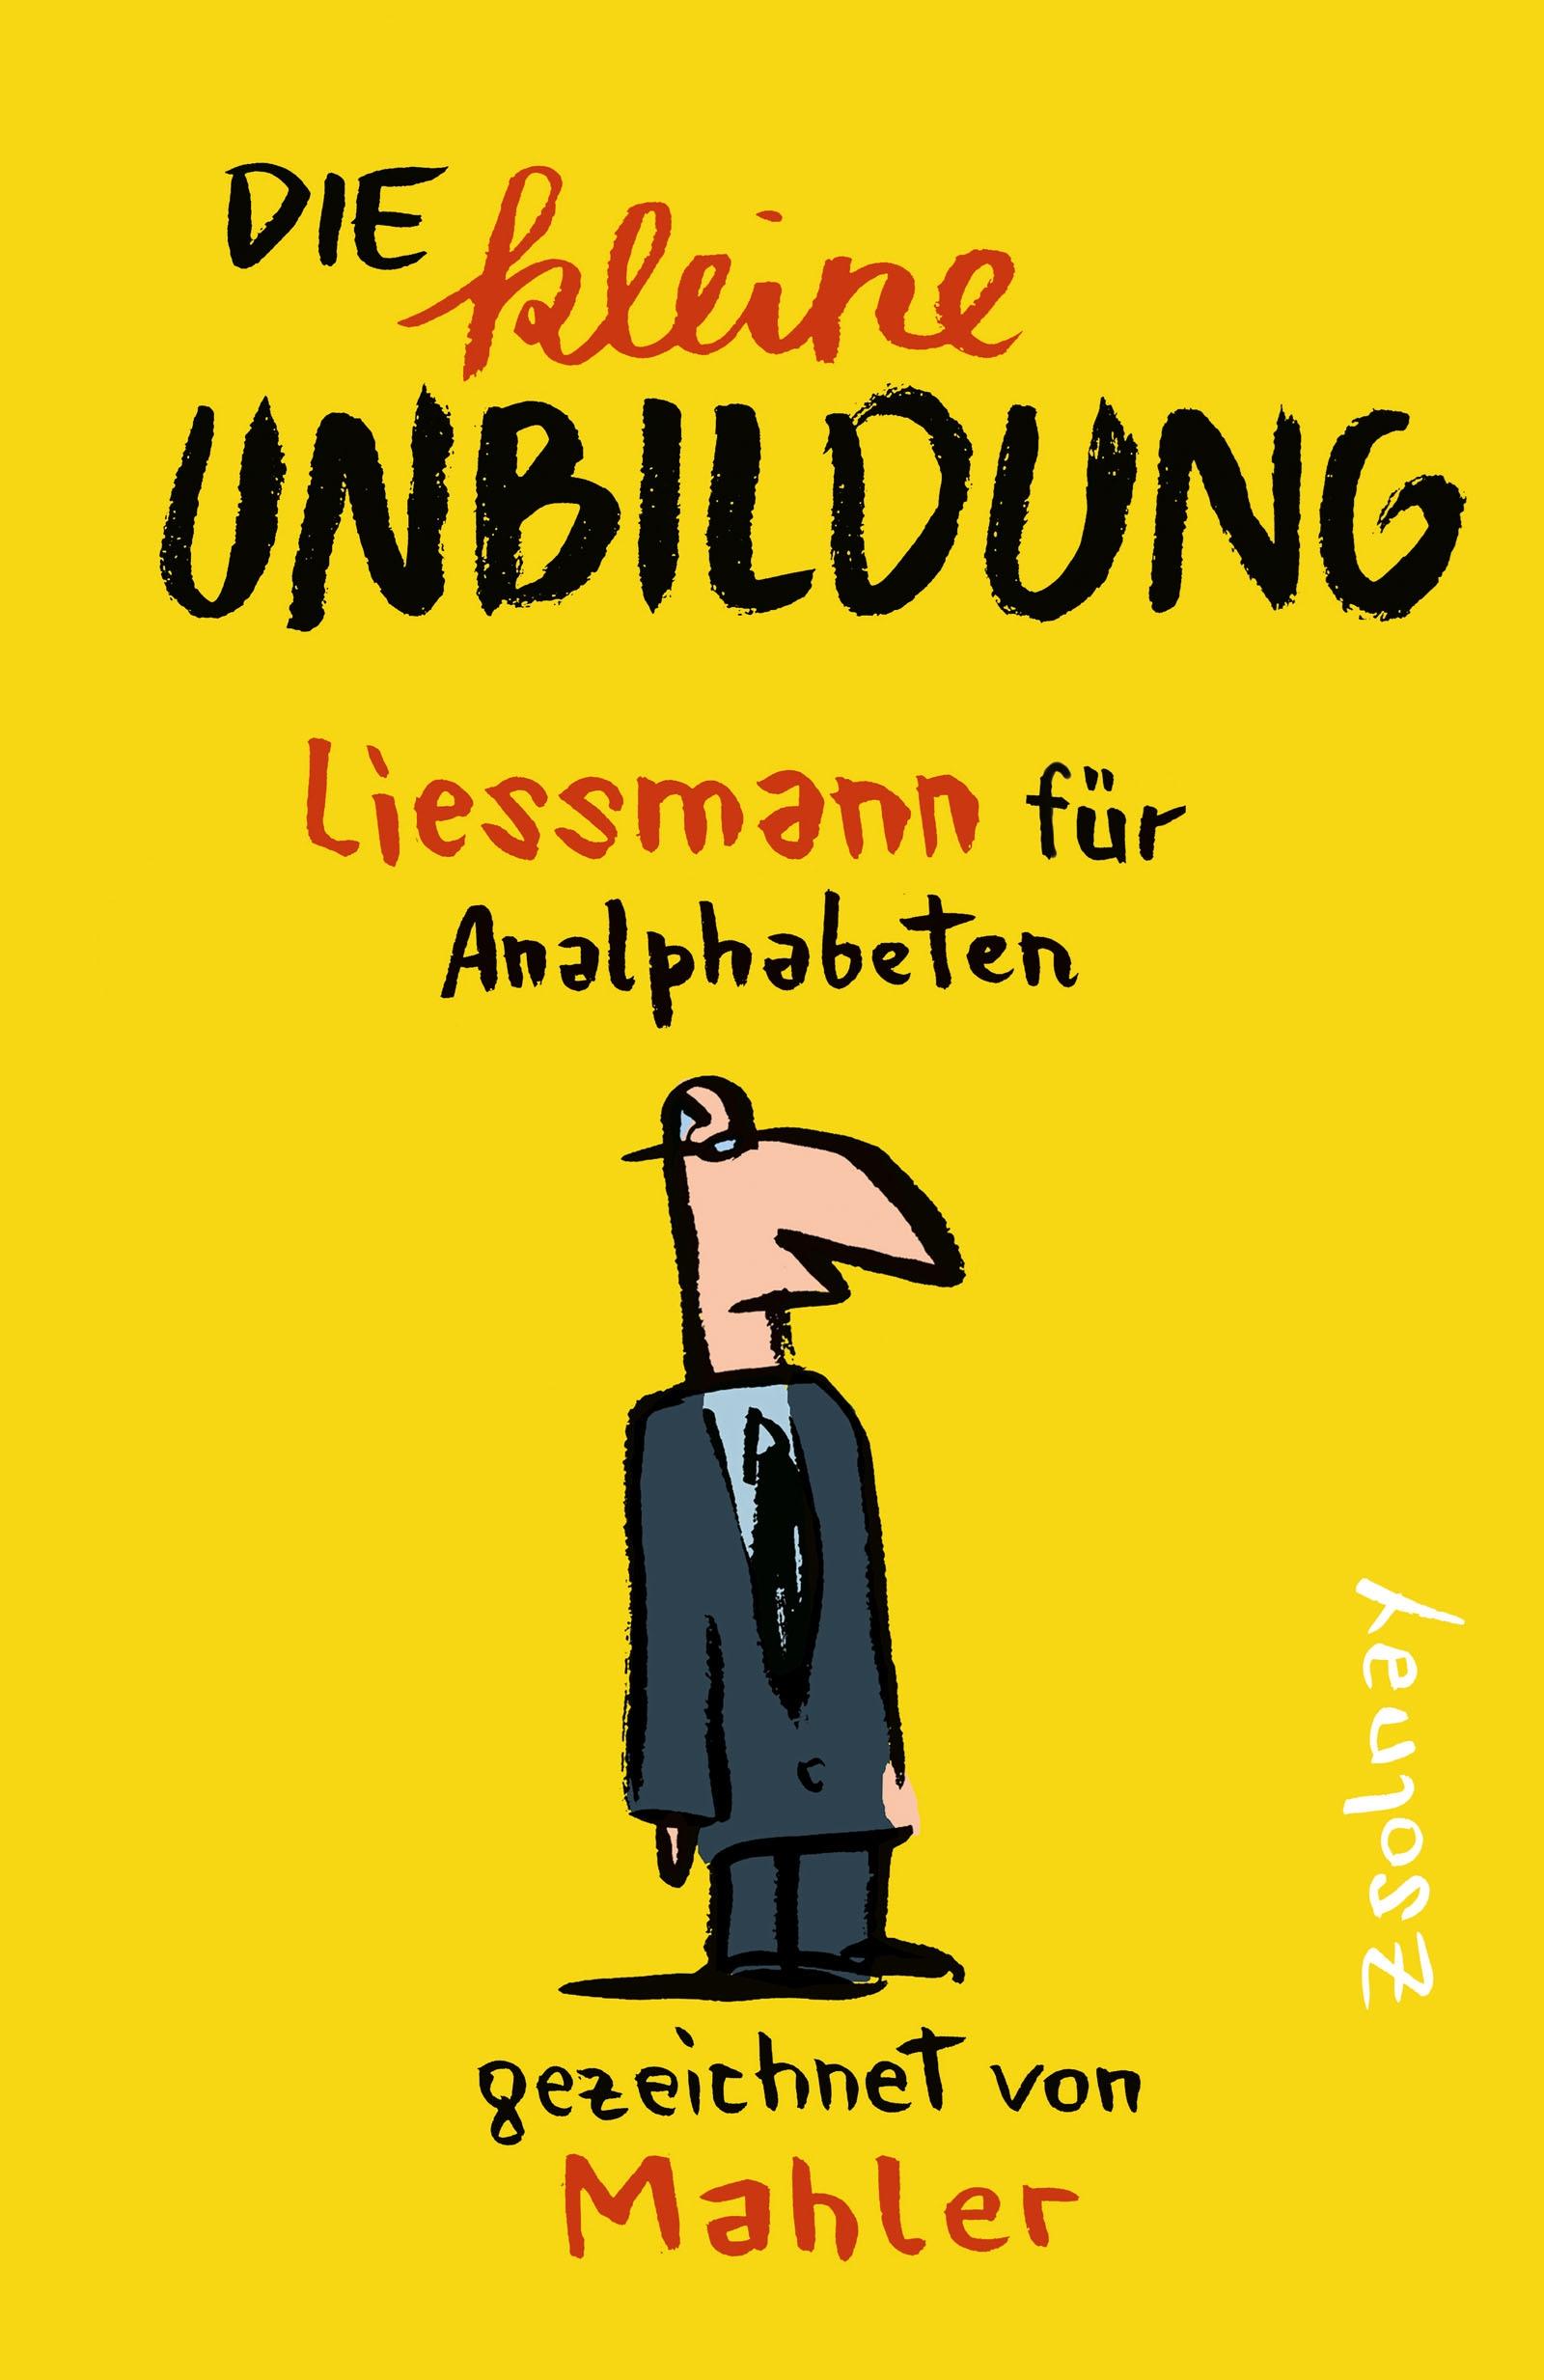 https://www.hanser-literaturverlage.de/buch/die-kleine-unbildung/978-3-552-05912-2/